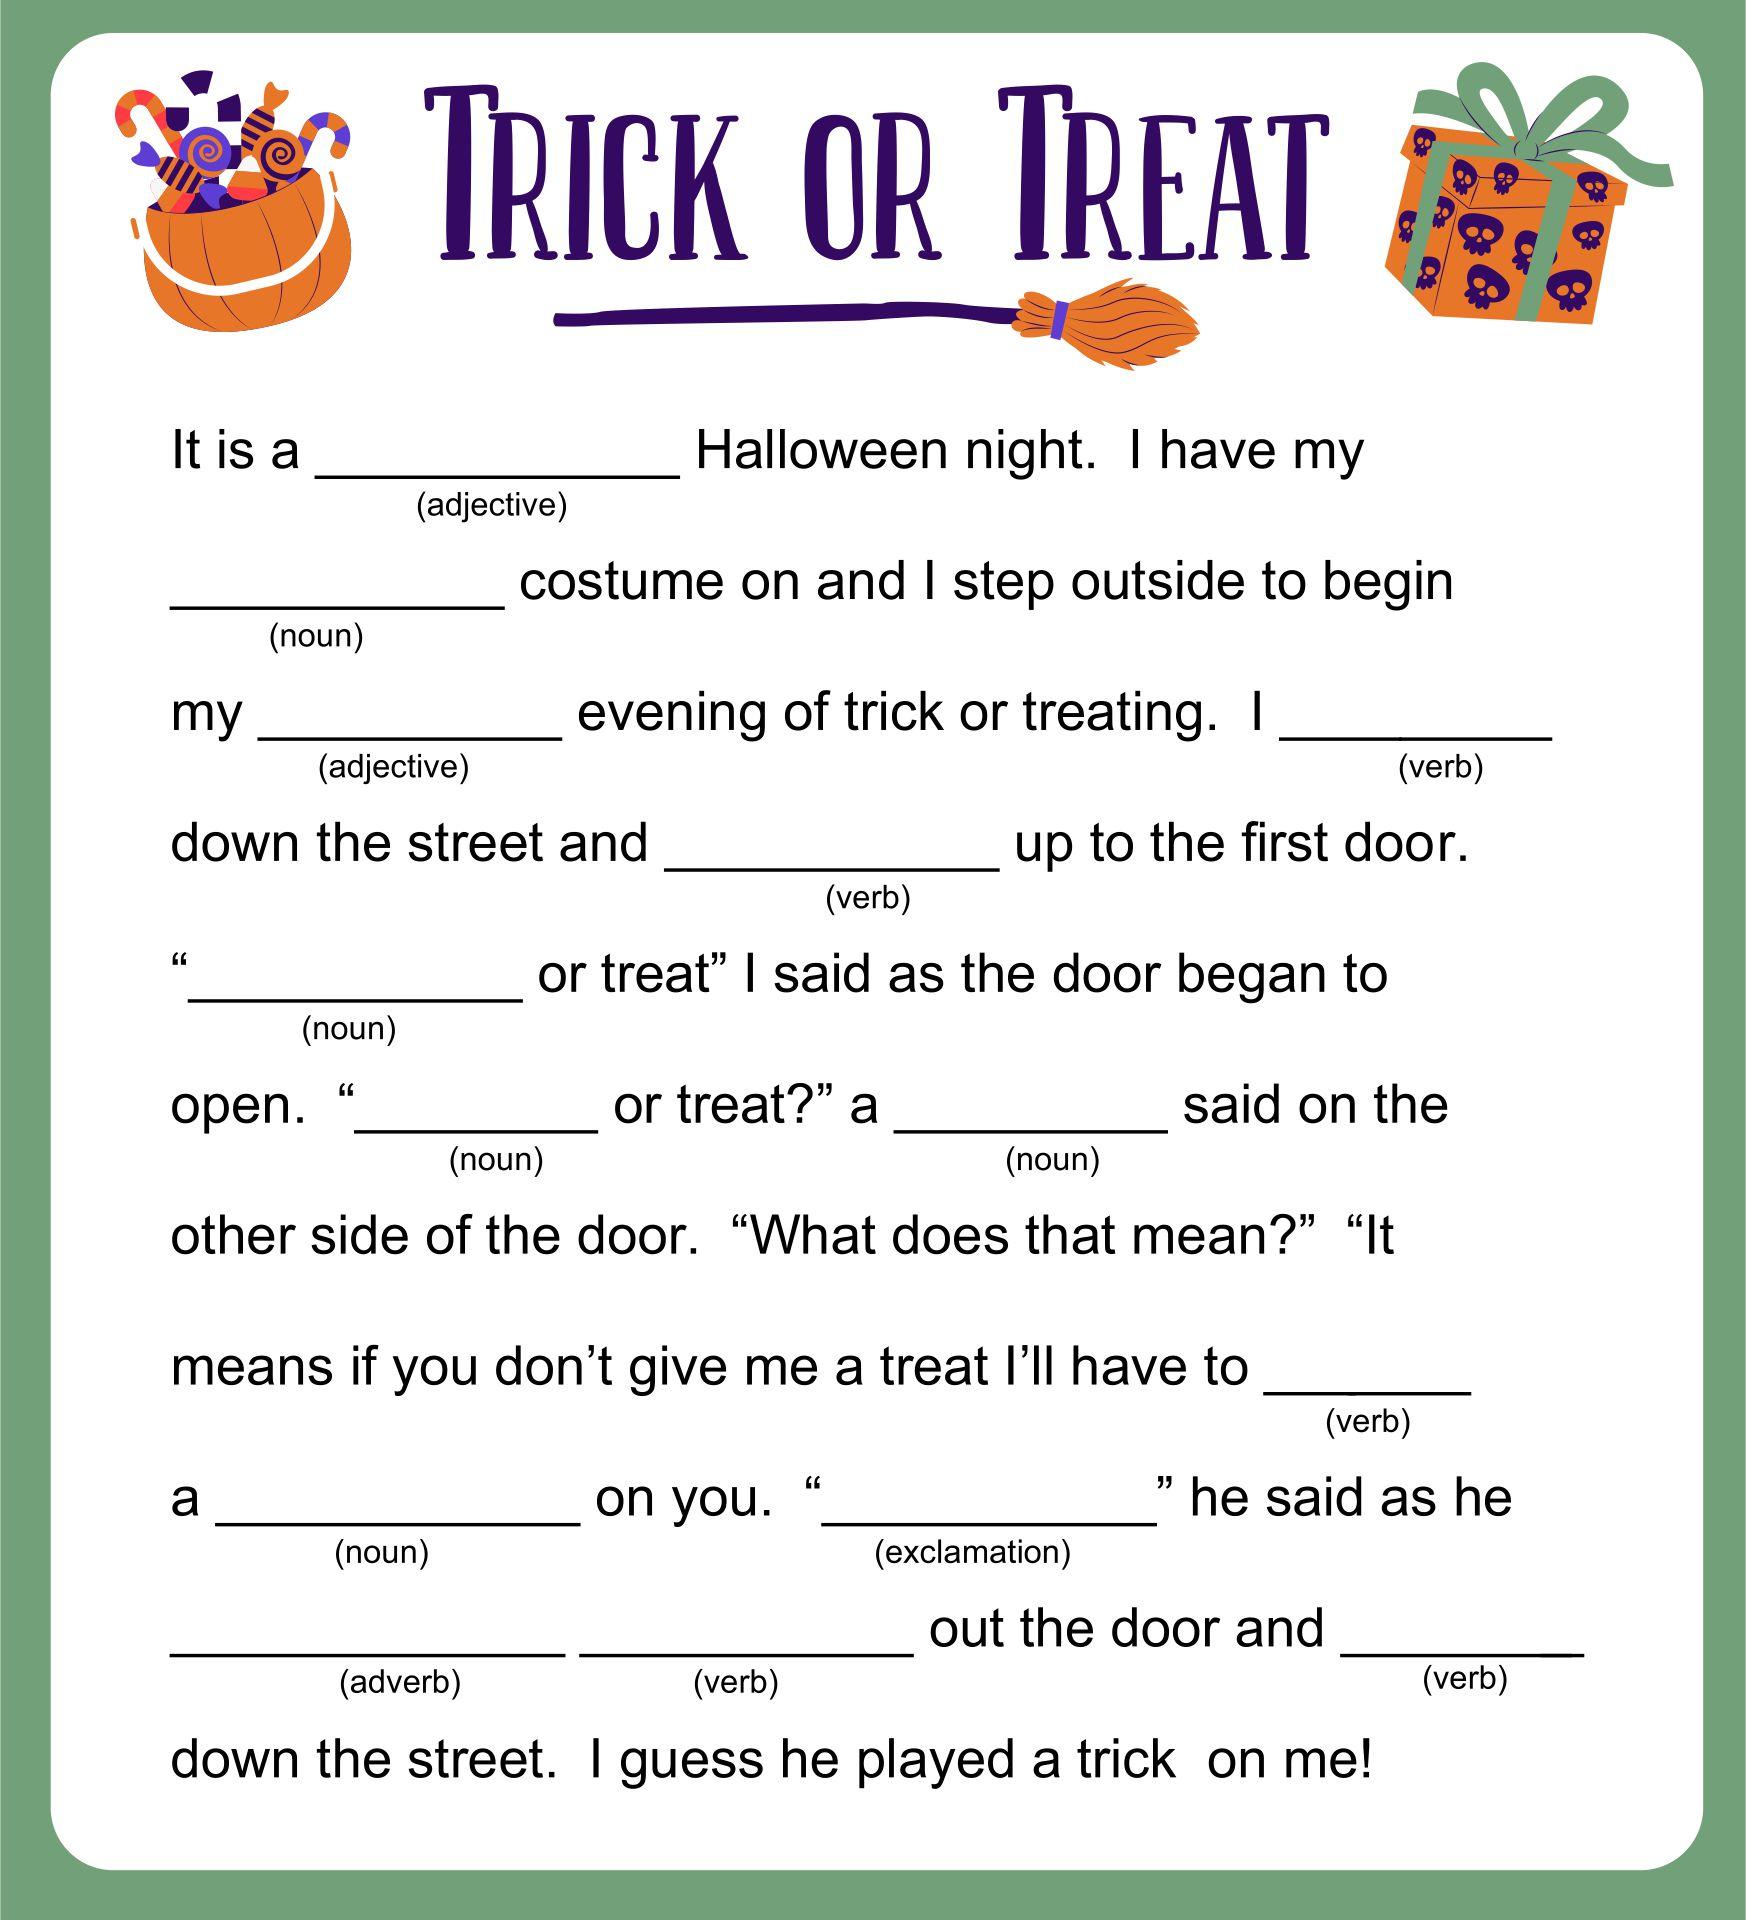 Fun Halloween Treat Activity Printable